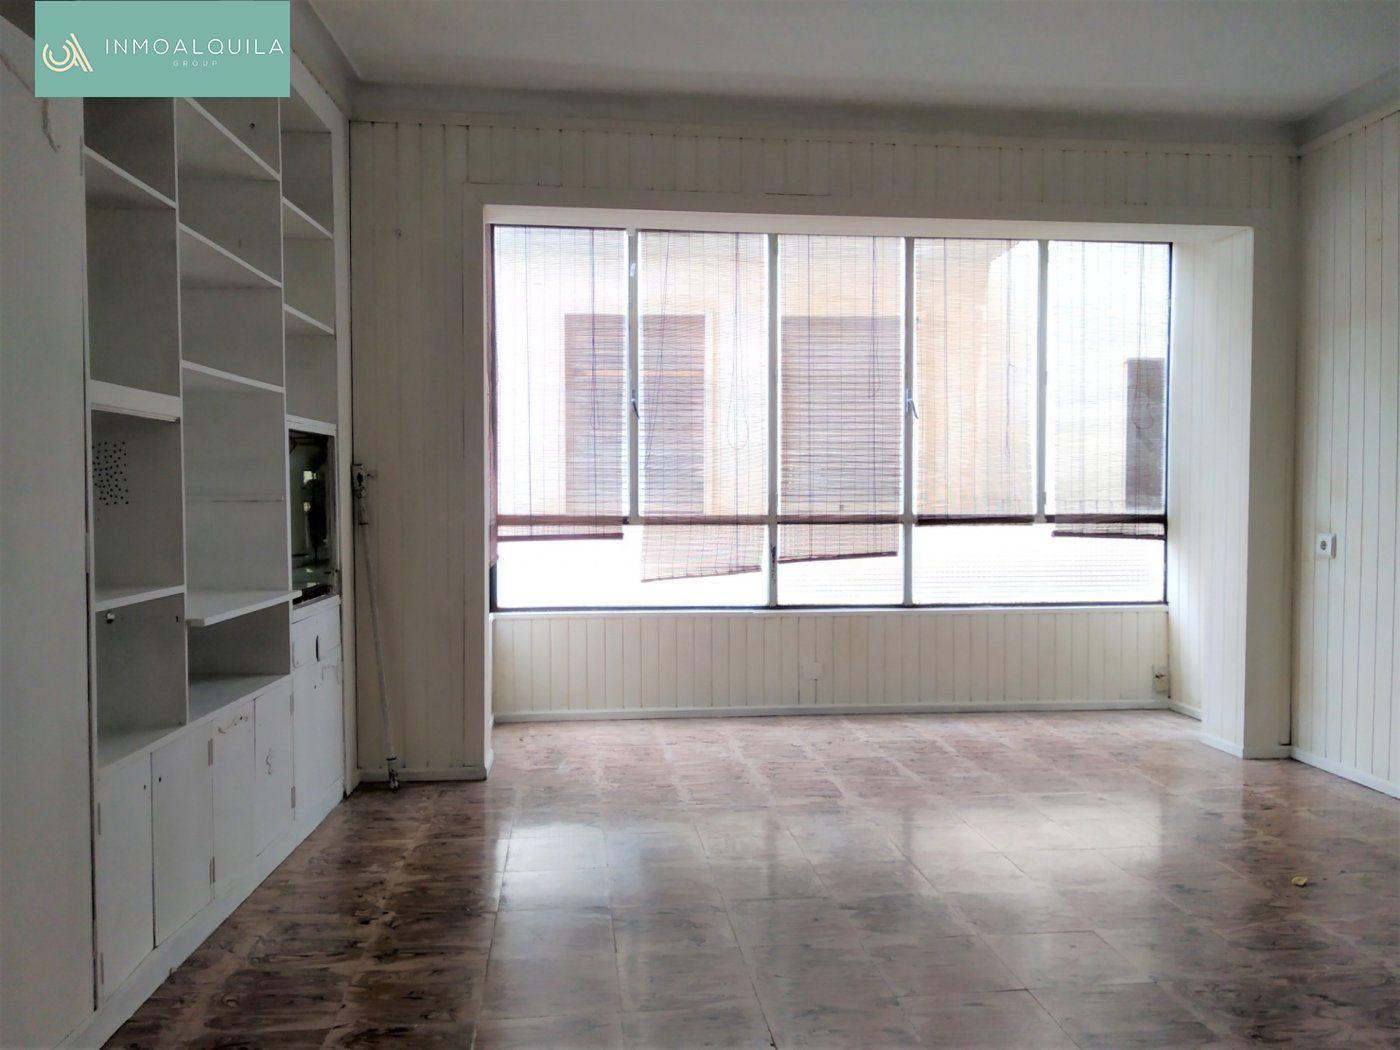 Appartamento  Lloseta ,pueblo. Primer piso en lloseta